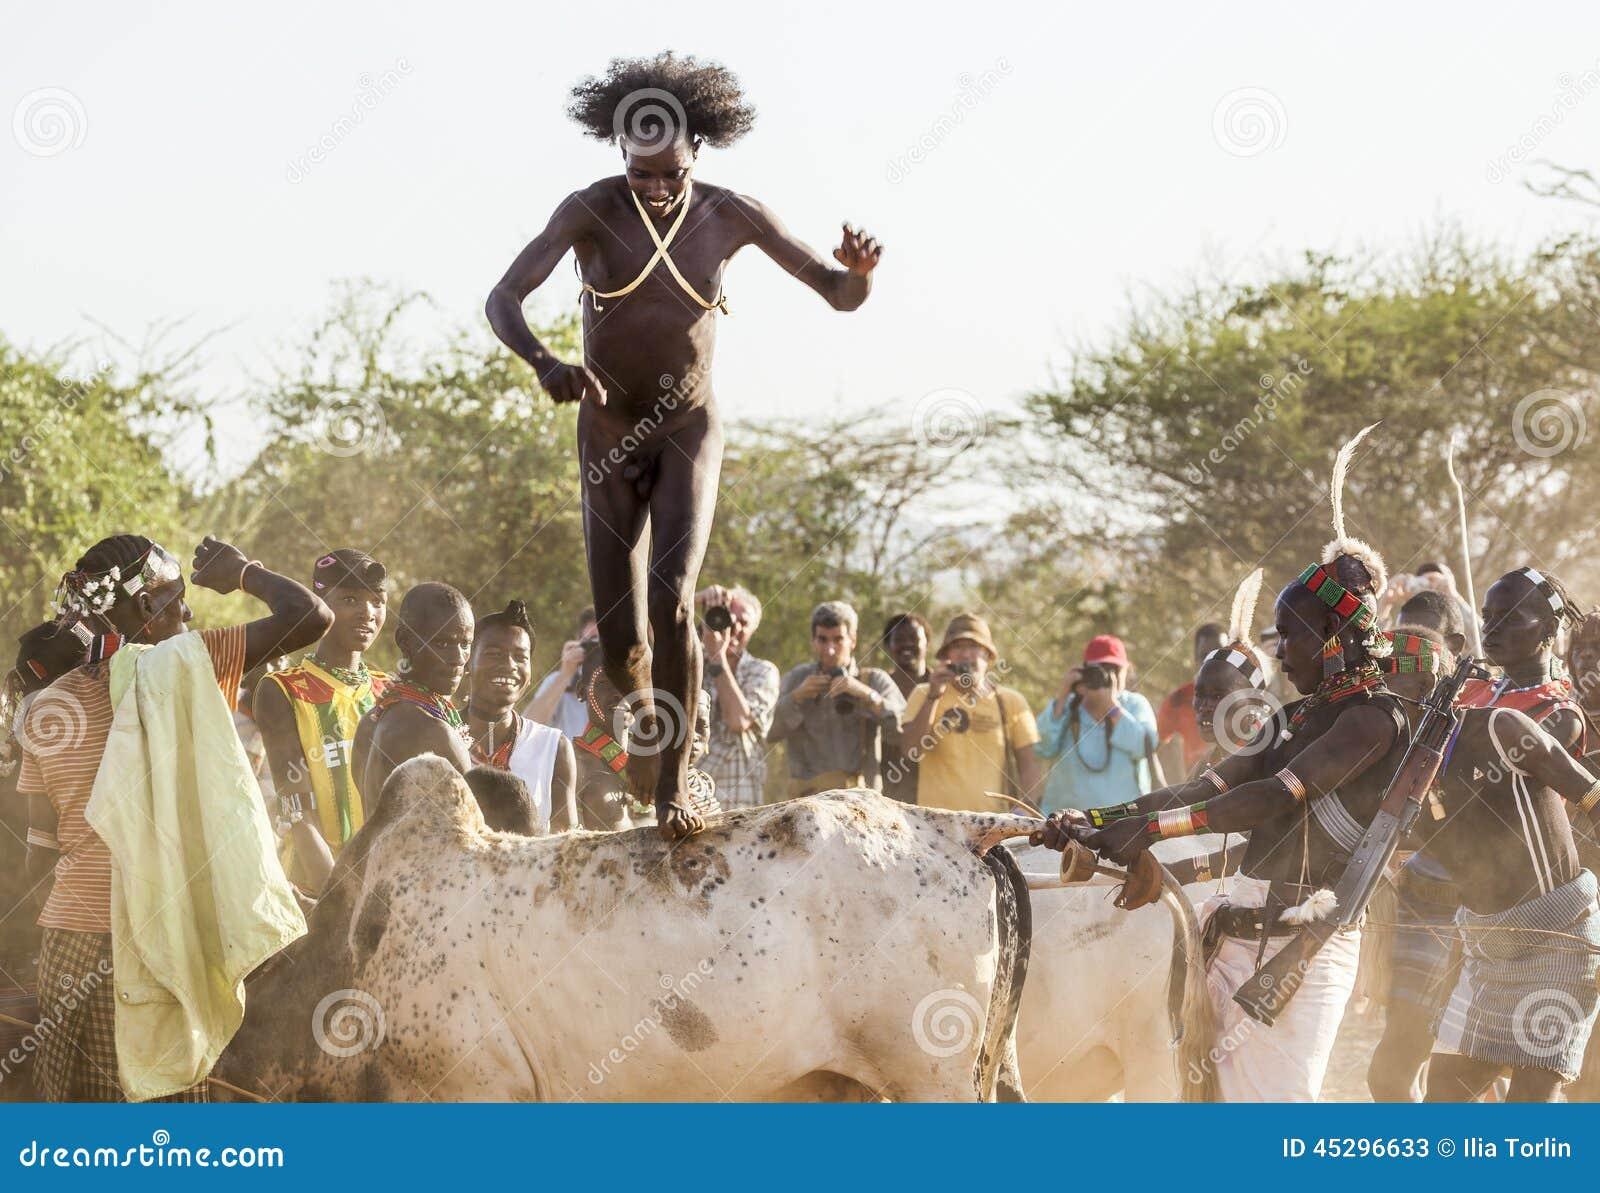 年轻人跳公牛 图尔米, Omo谷,埃塞俄比亚